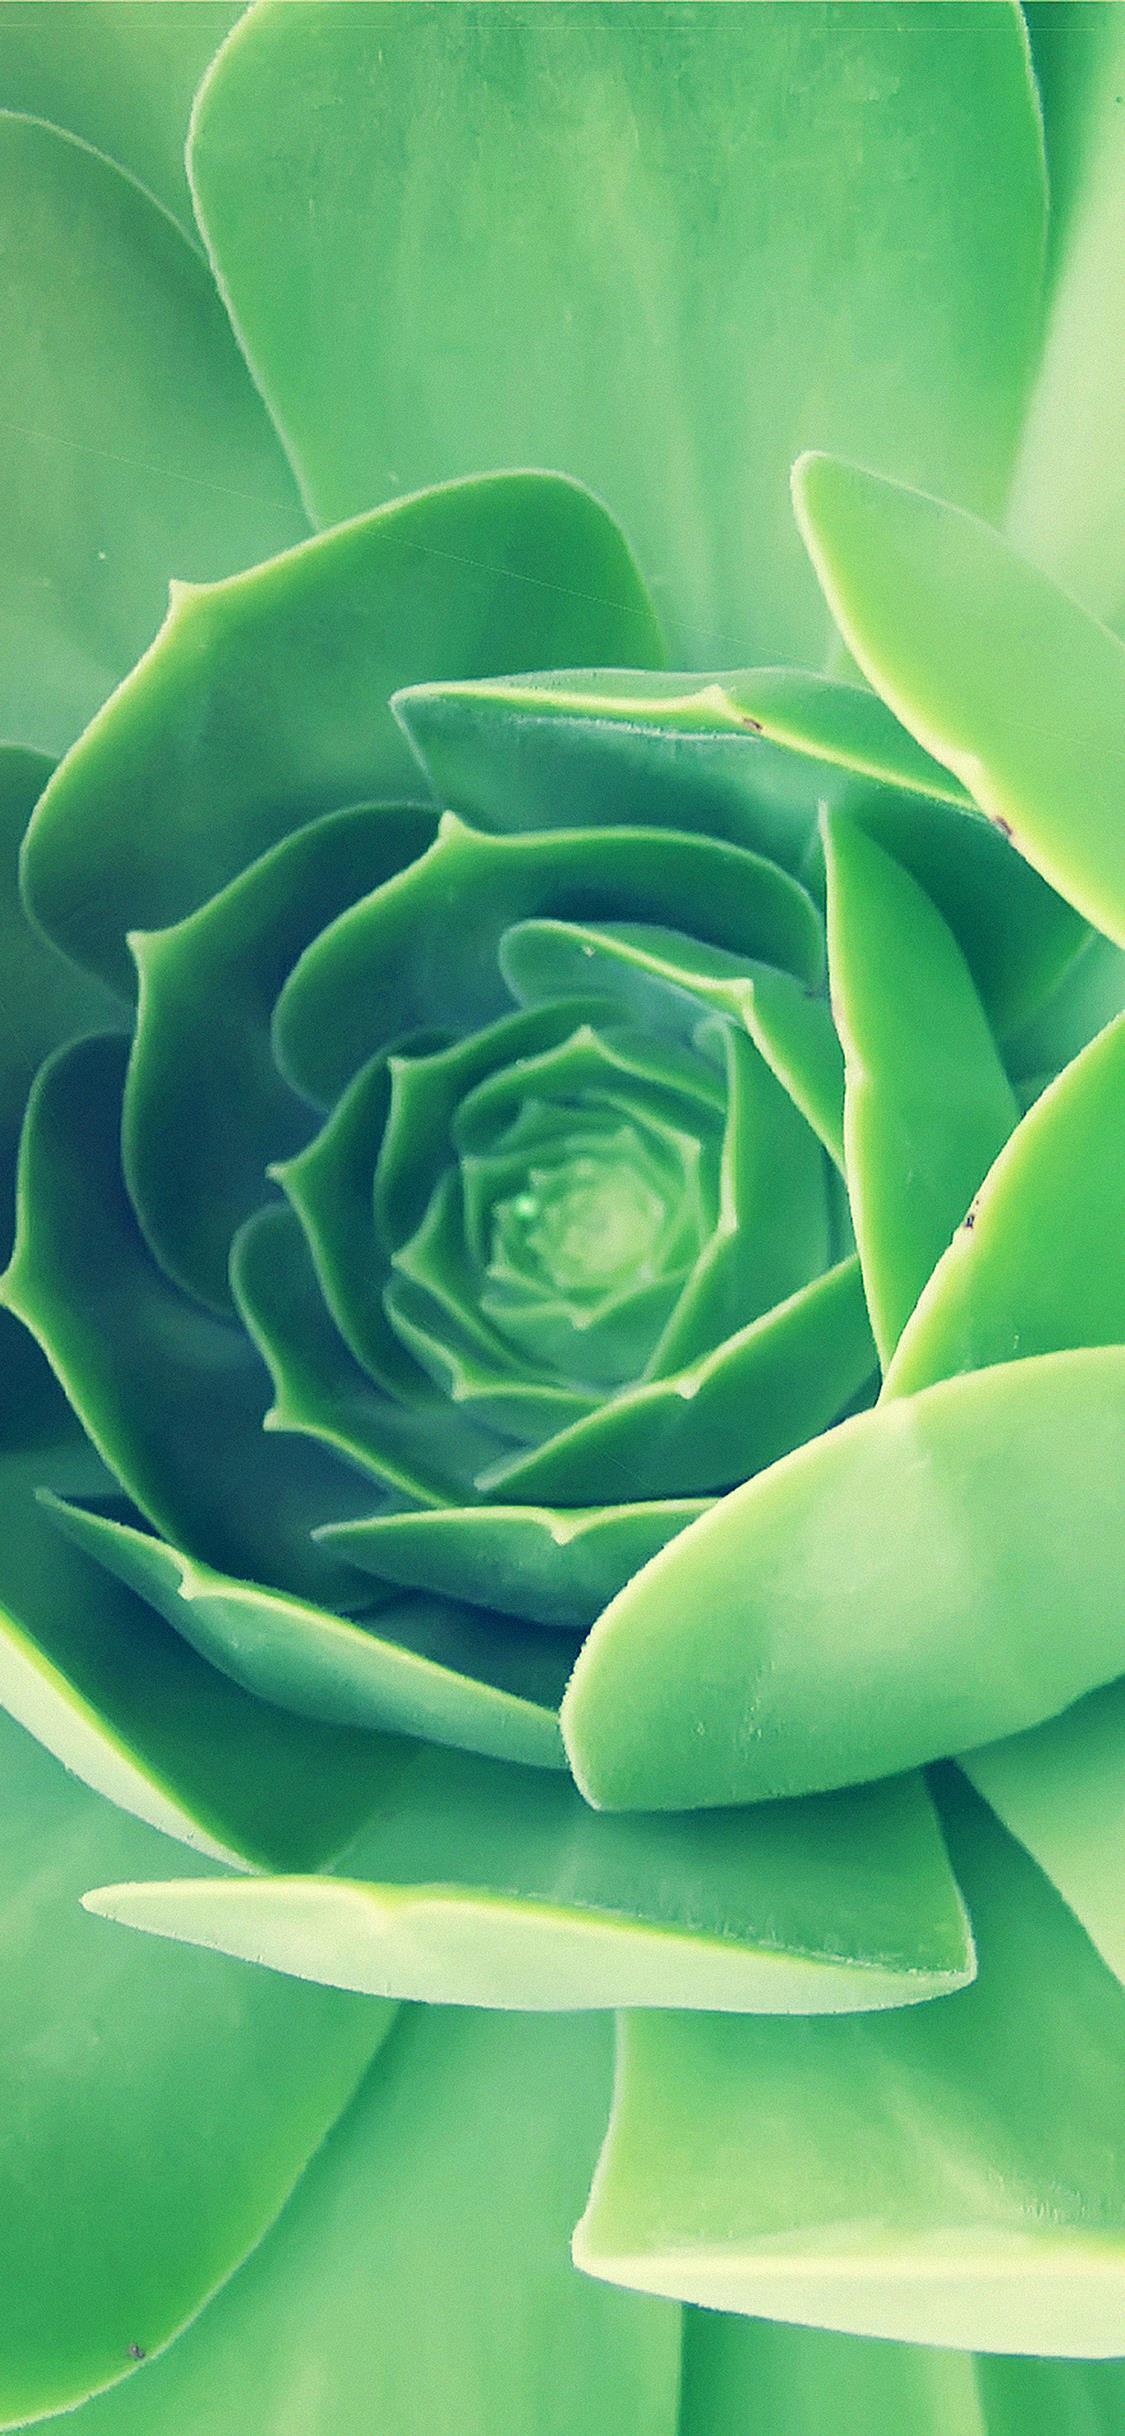 Un fiore verde - Sfondi per iPhone, i migliori da scaricare gratis